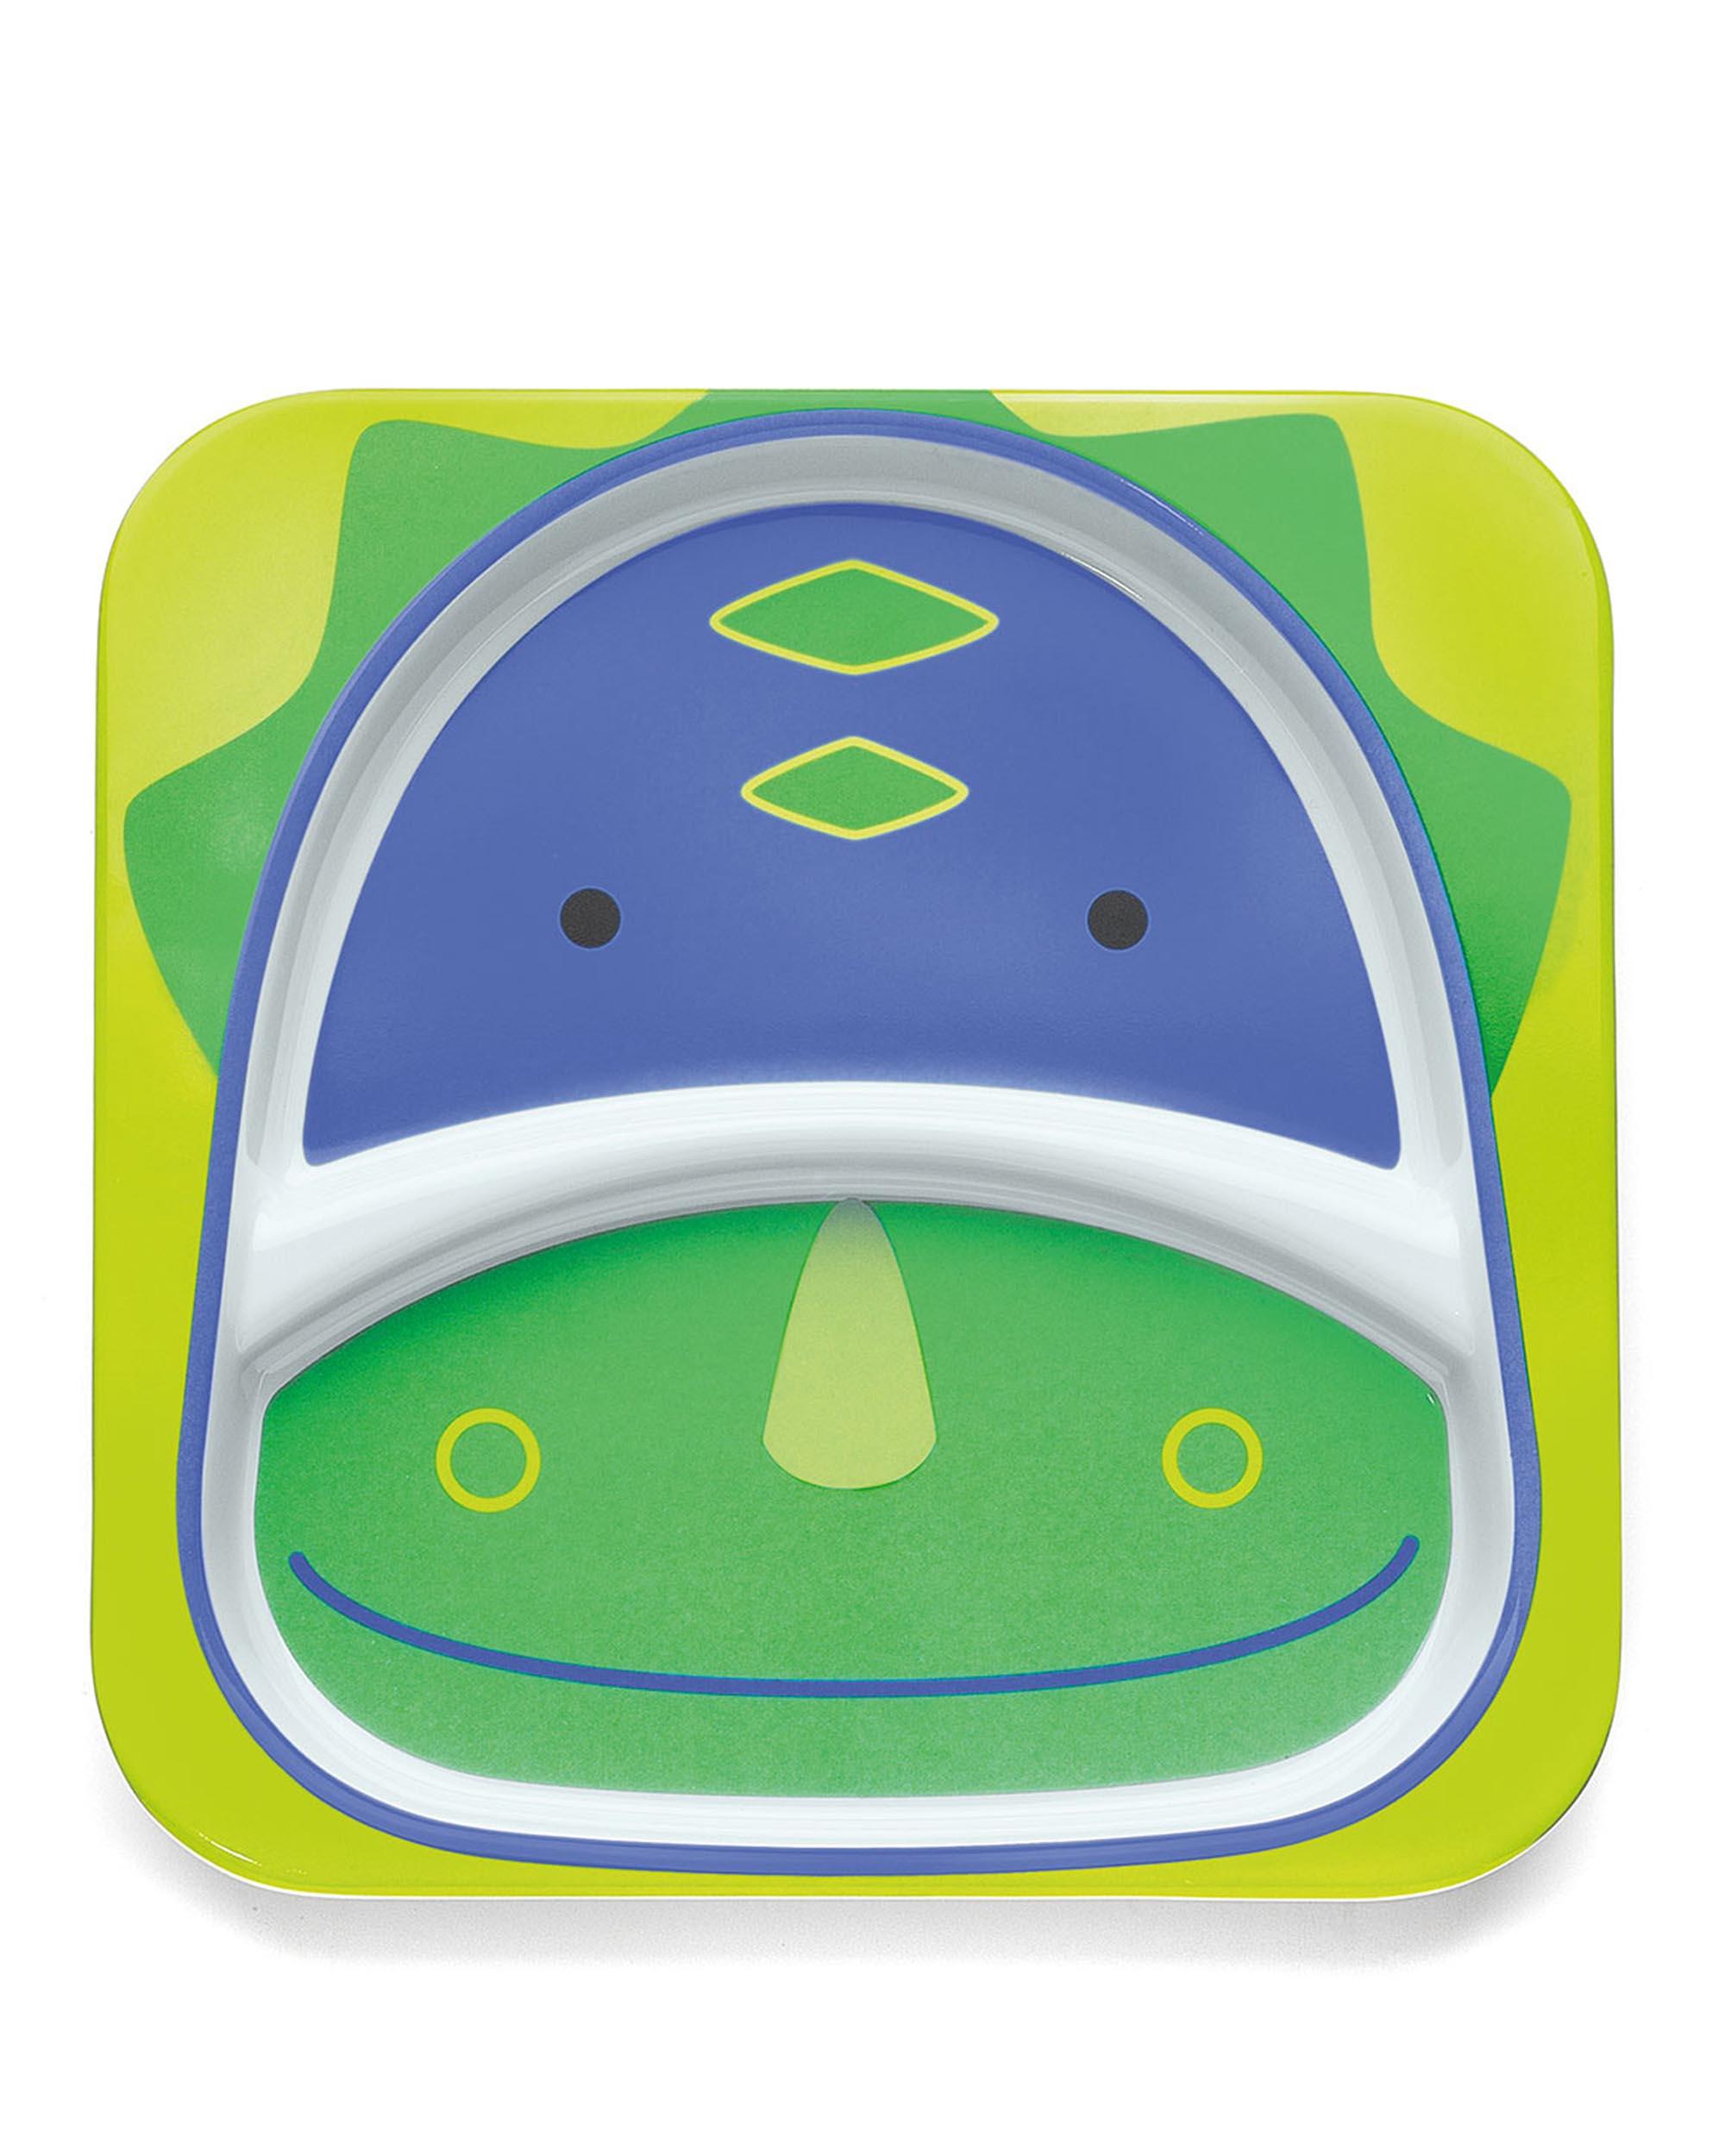 Skip hop logo clipart banner download Zoo Little Kid Plate   skiphop.com banner download